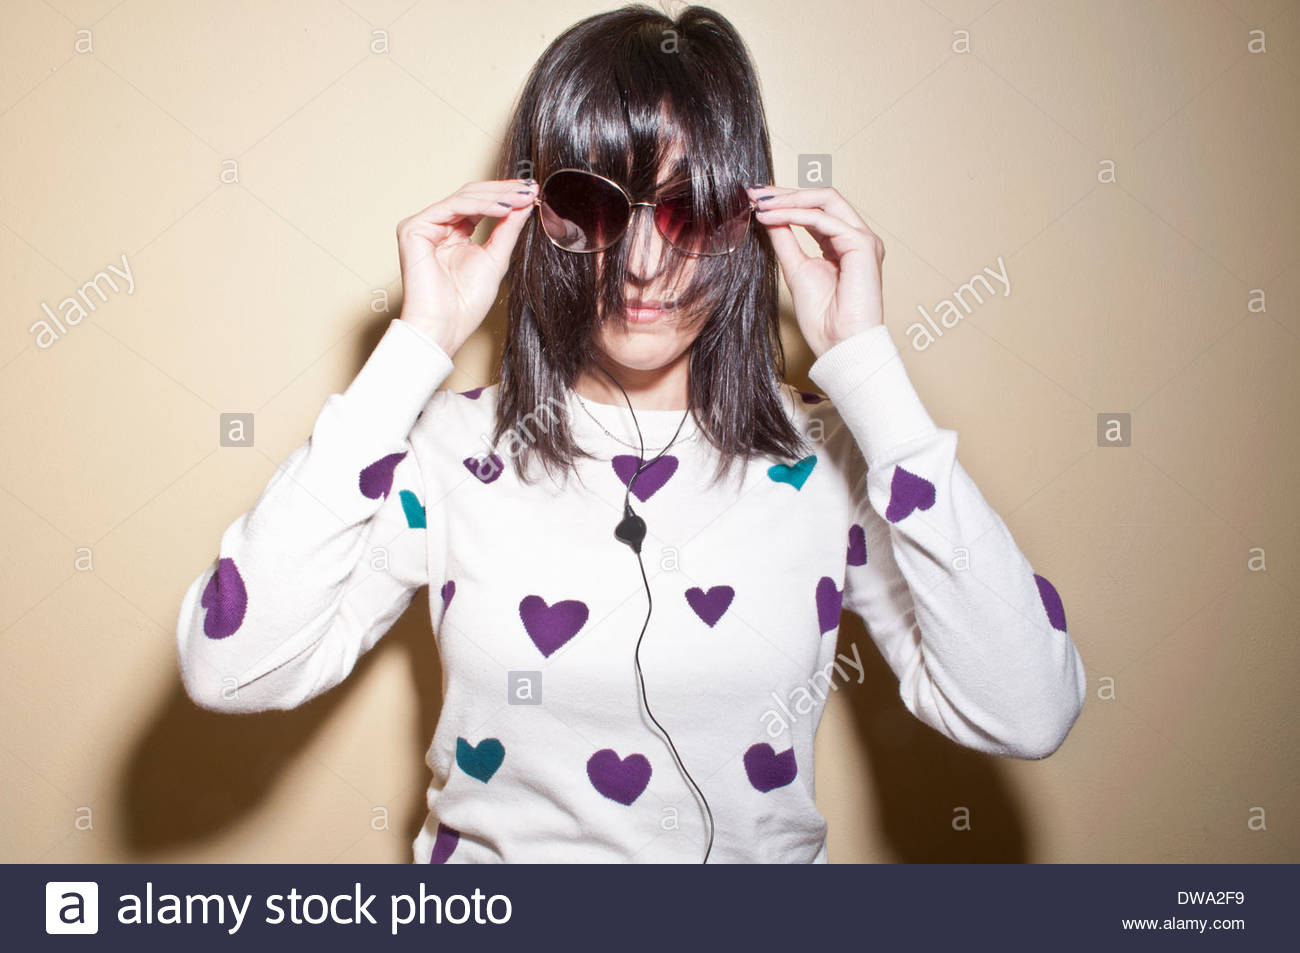 Frau mit Sonnenbrille mit Haaren bedeckte Gesicht Stockbild